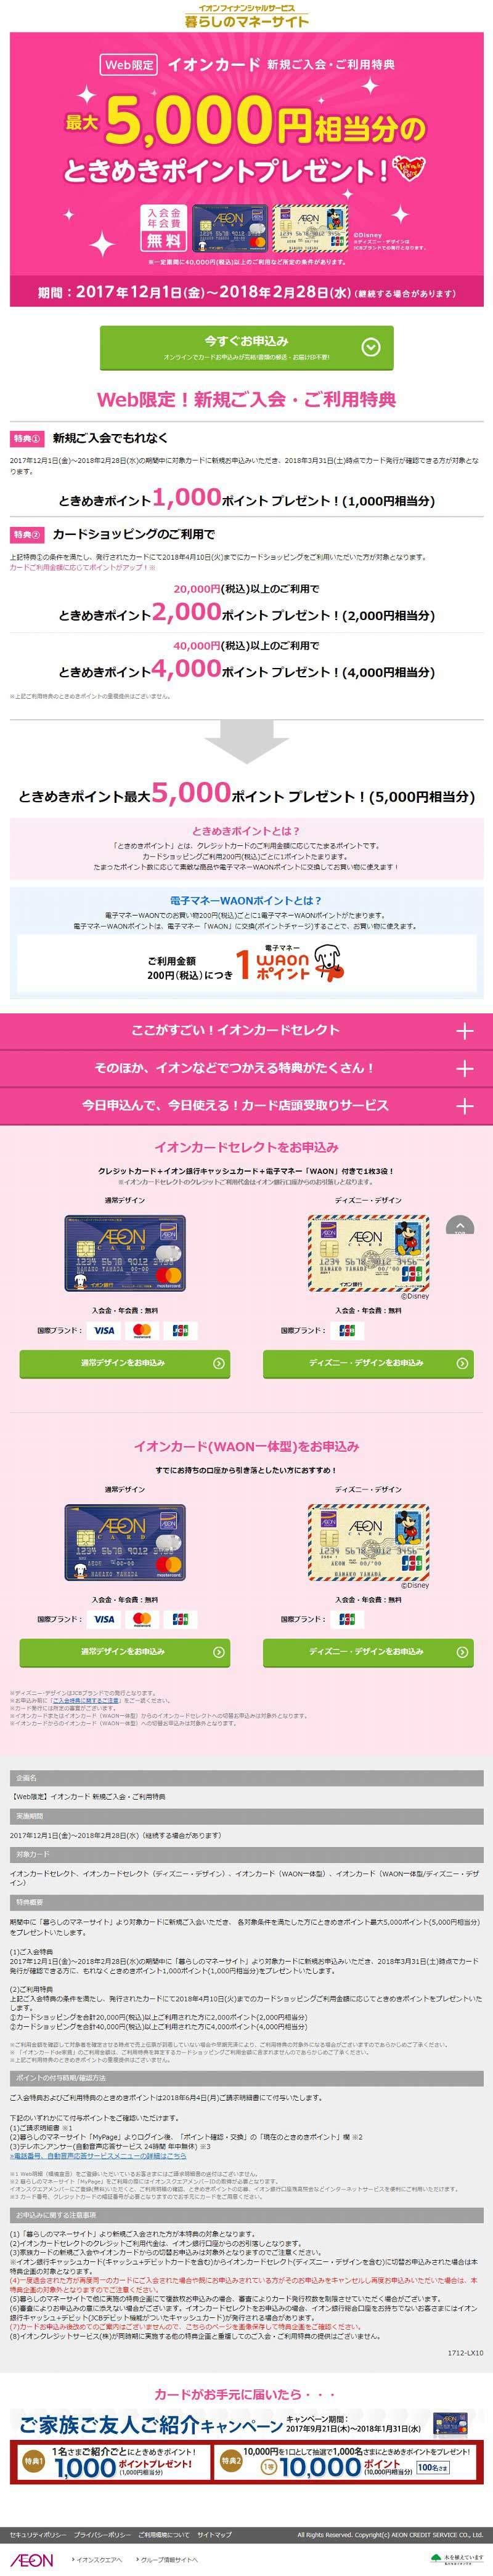 イオンカード、期間限定(2017年12月1日(金)~2018年2月28日(水))の新規入会キャンページのキャプチャー画像